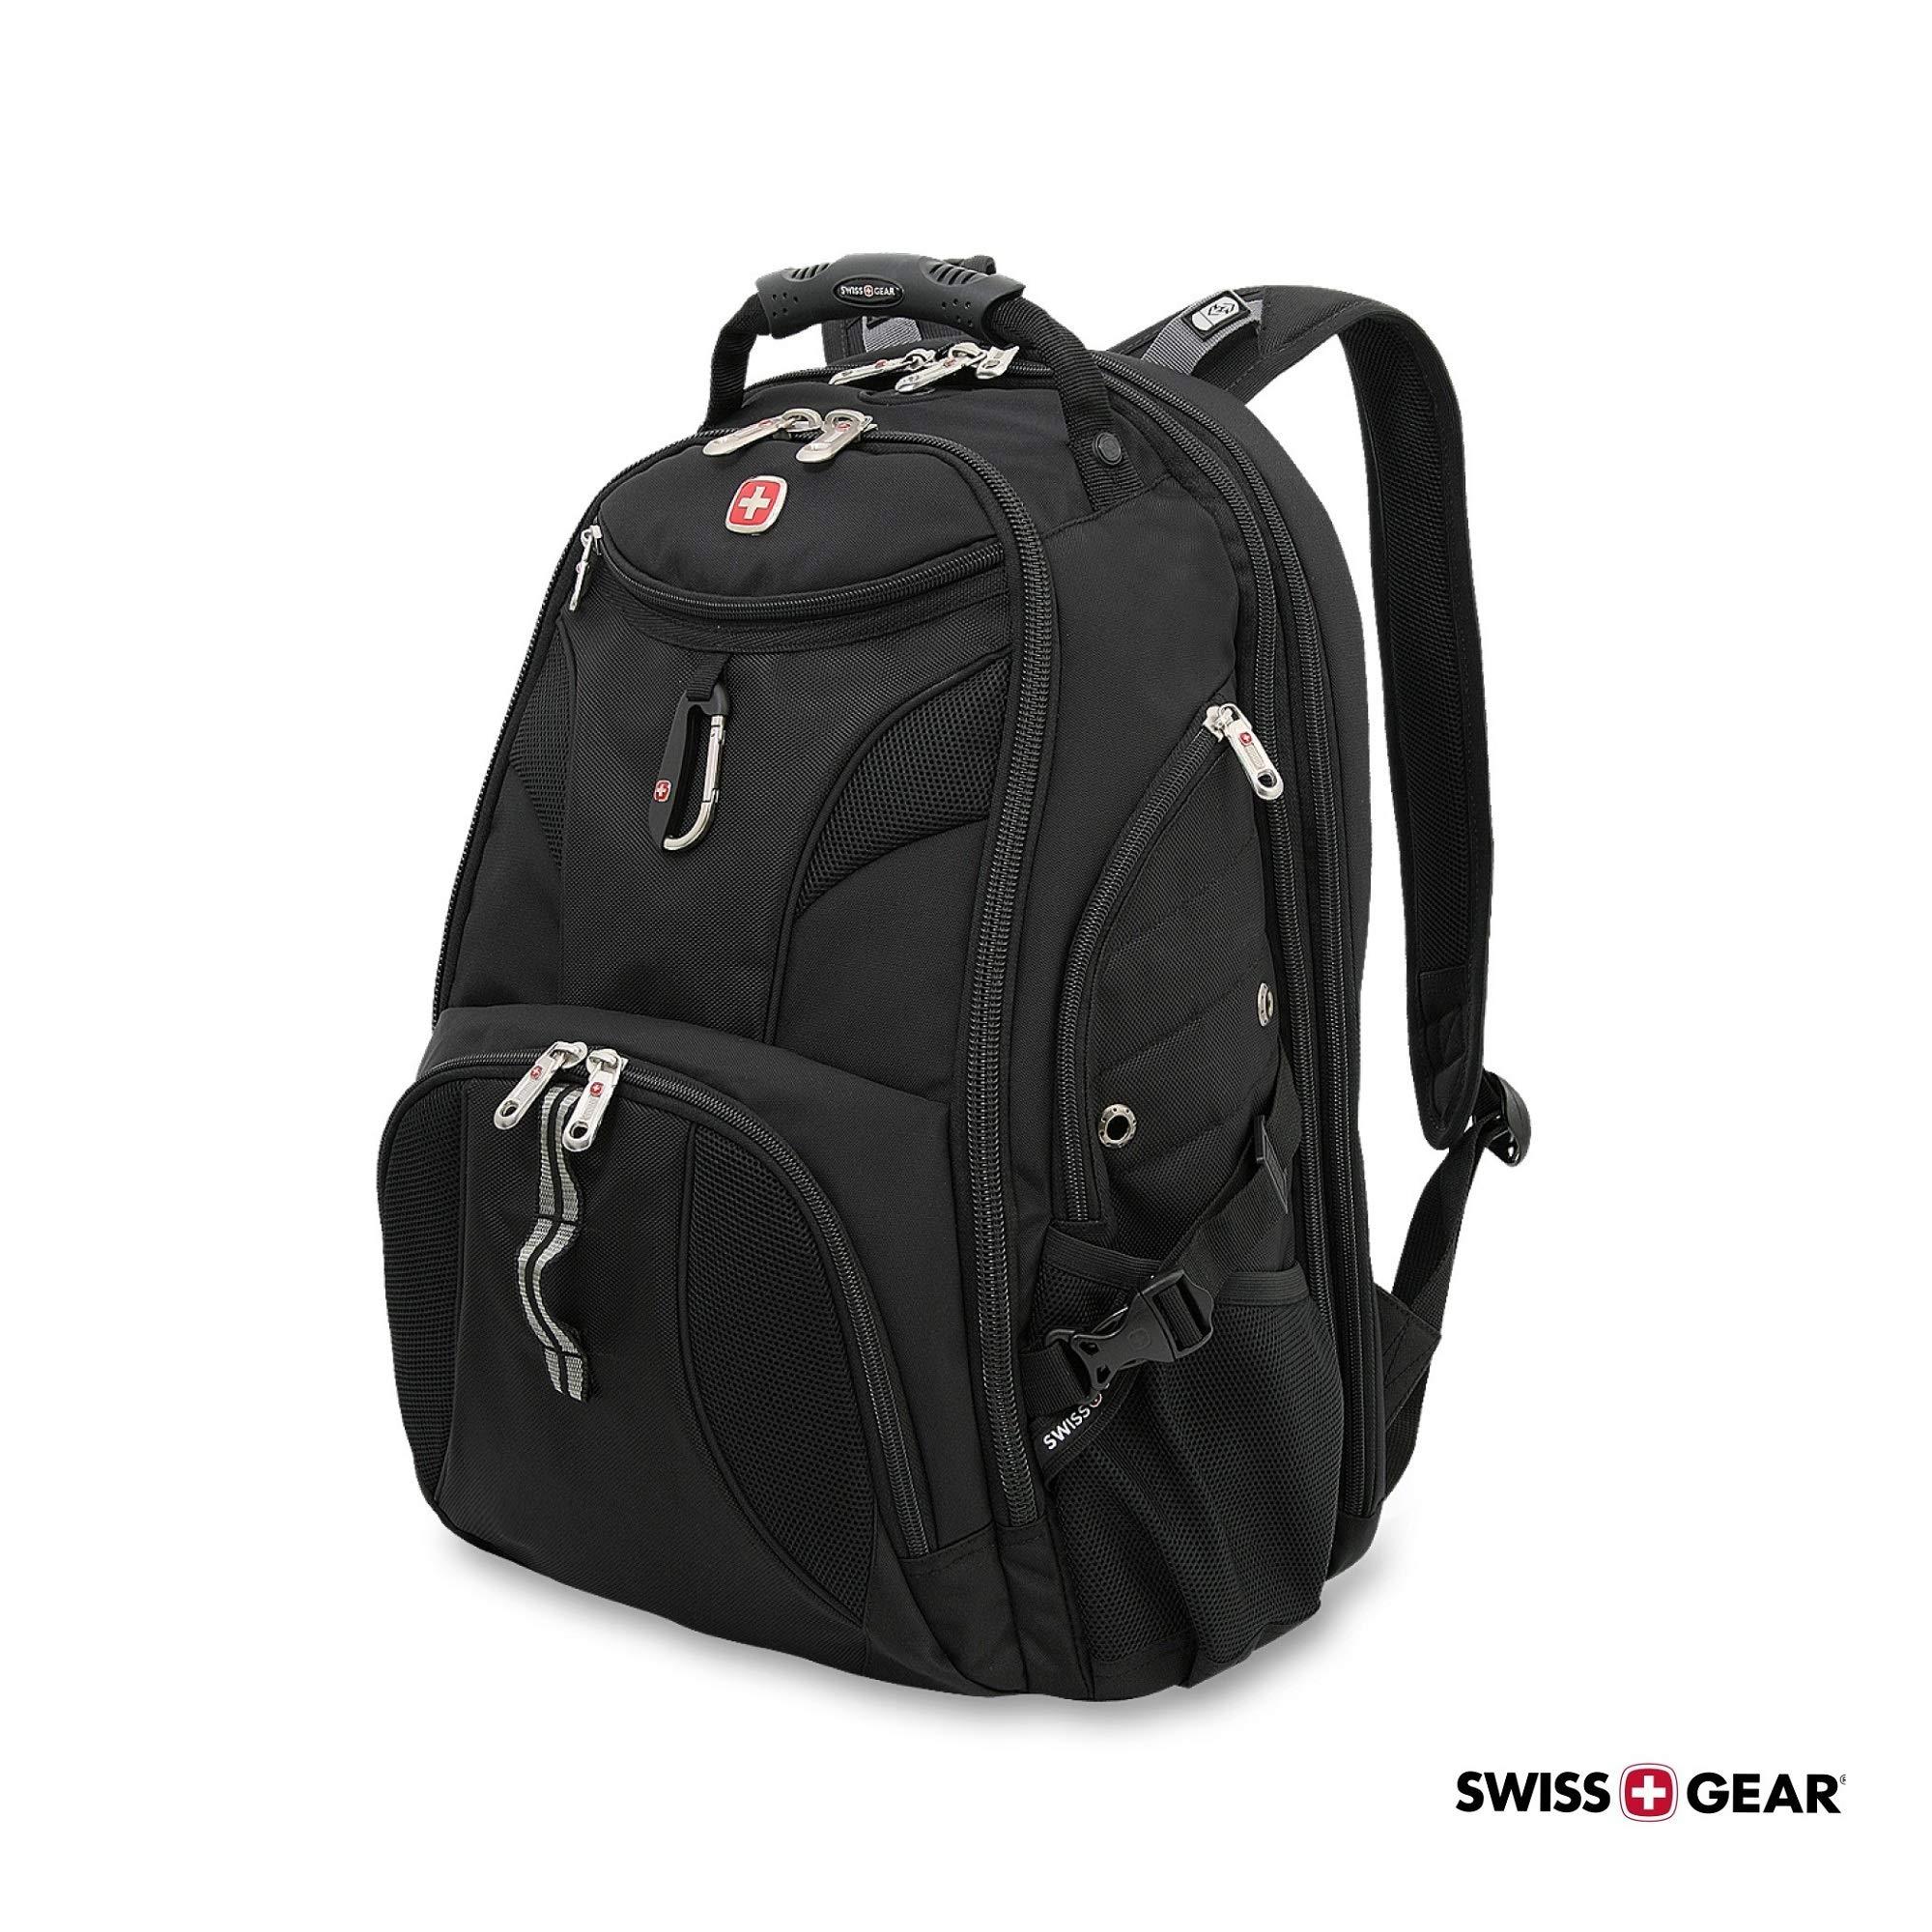 SwissGear 1900 Scansmart TSA Laptop Backpack - Black by Swiss Gear